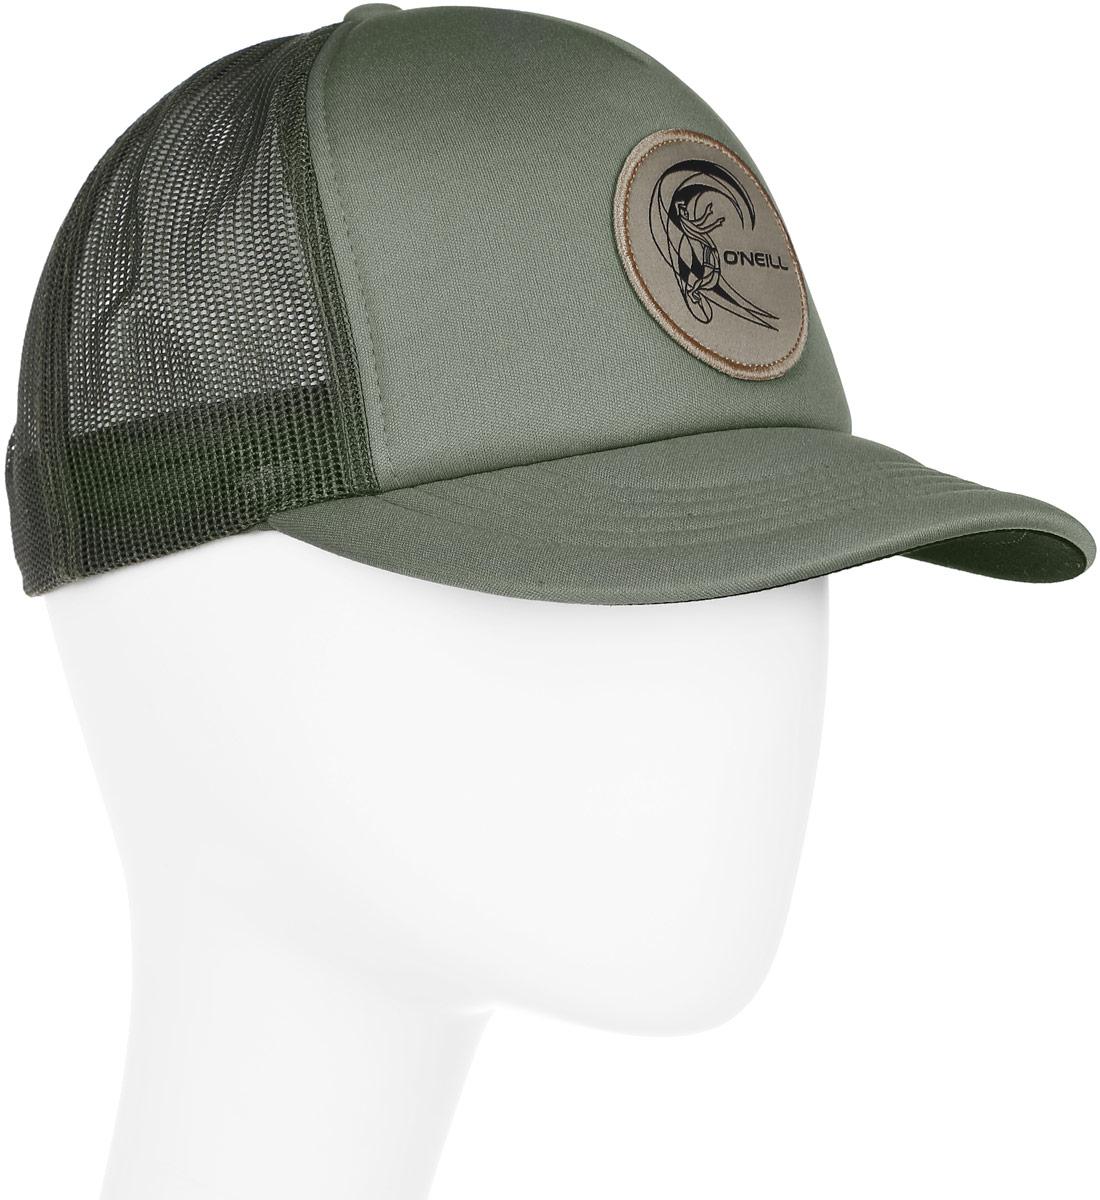 Бейсболка мужская ONeill Bm Trucker Cap, цвет: оливковый. 7A4110-6103. Размер универсальный7A4110-6103Бейсболка ONeill, выполненная из 100% полиэстера, станет незаменимым аксессуаром в летний сезон. Модель защитит голову от перегрева, а глаза от яркого света. Бейсболка имеет 5-панельный дизайн и сетку сзади для вентиляции и прохлады в жару. Модель спереди дополнена нашивкой с названием бренда. Обхват головы регулируется с помощью пластикового ремешка сзади.